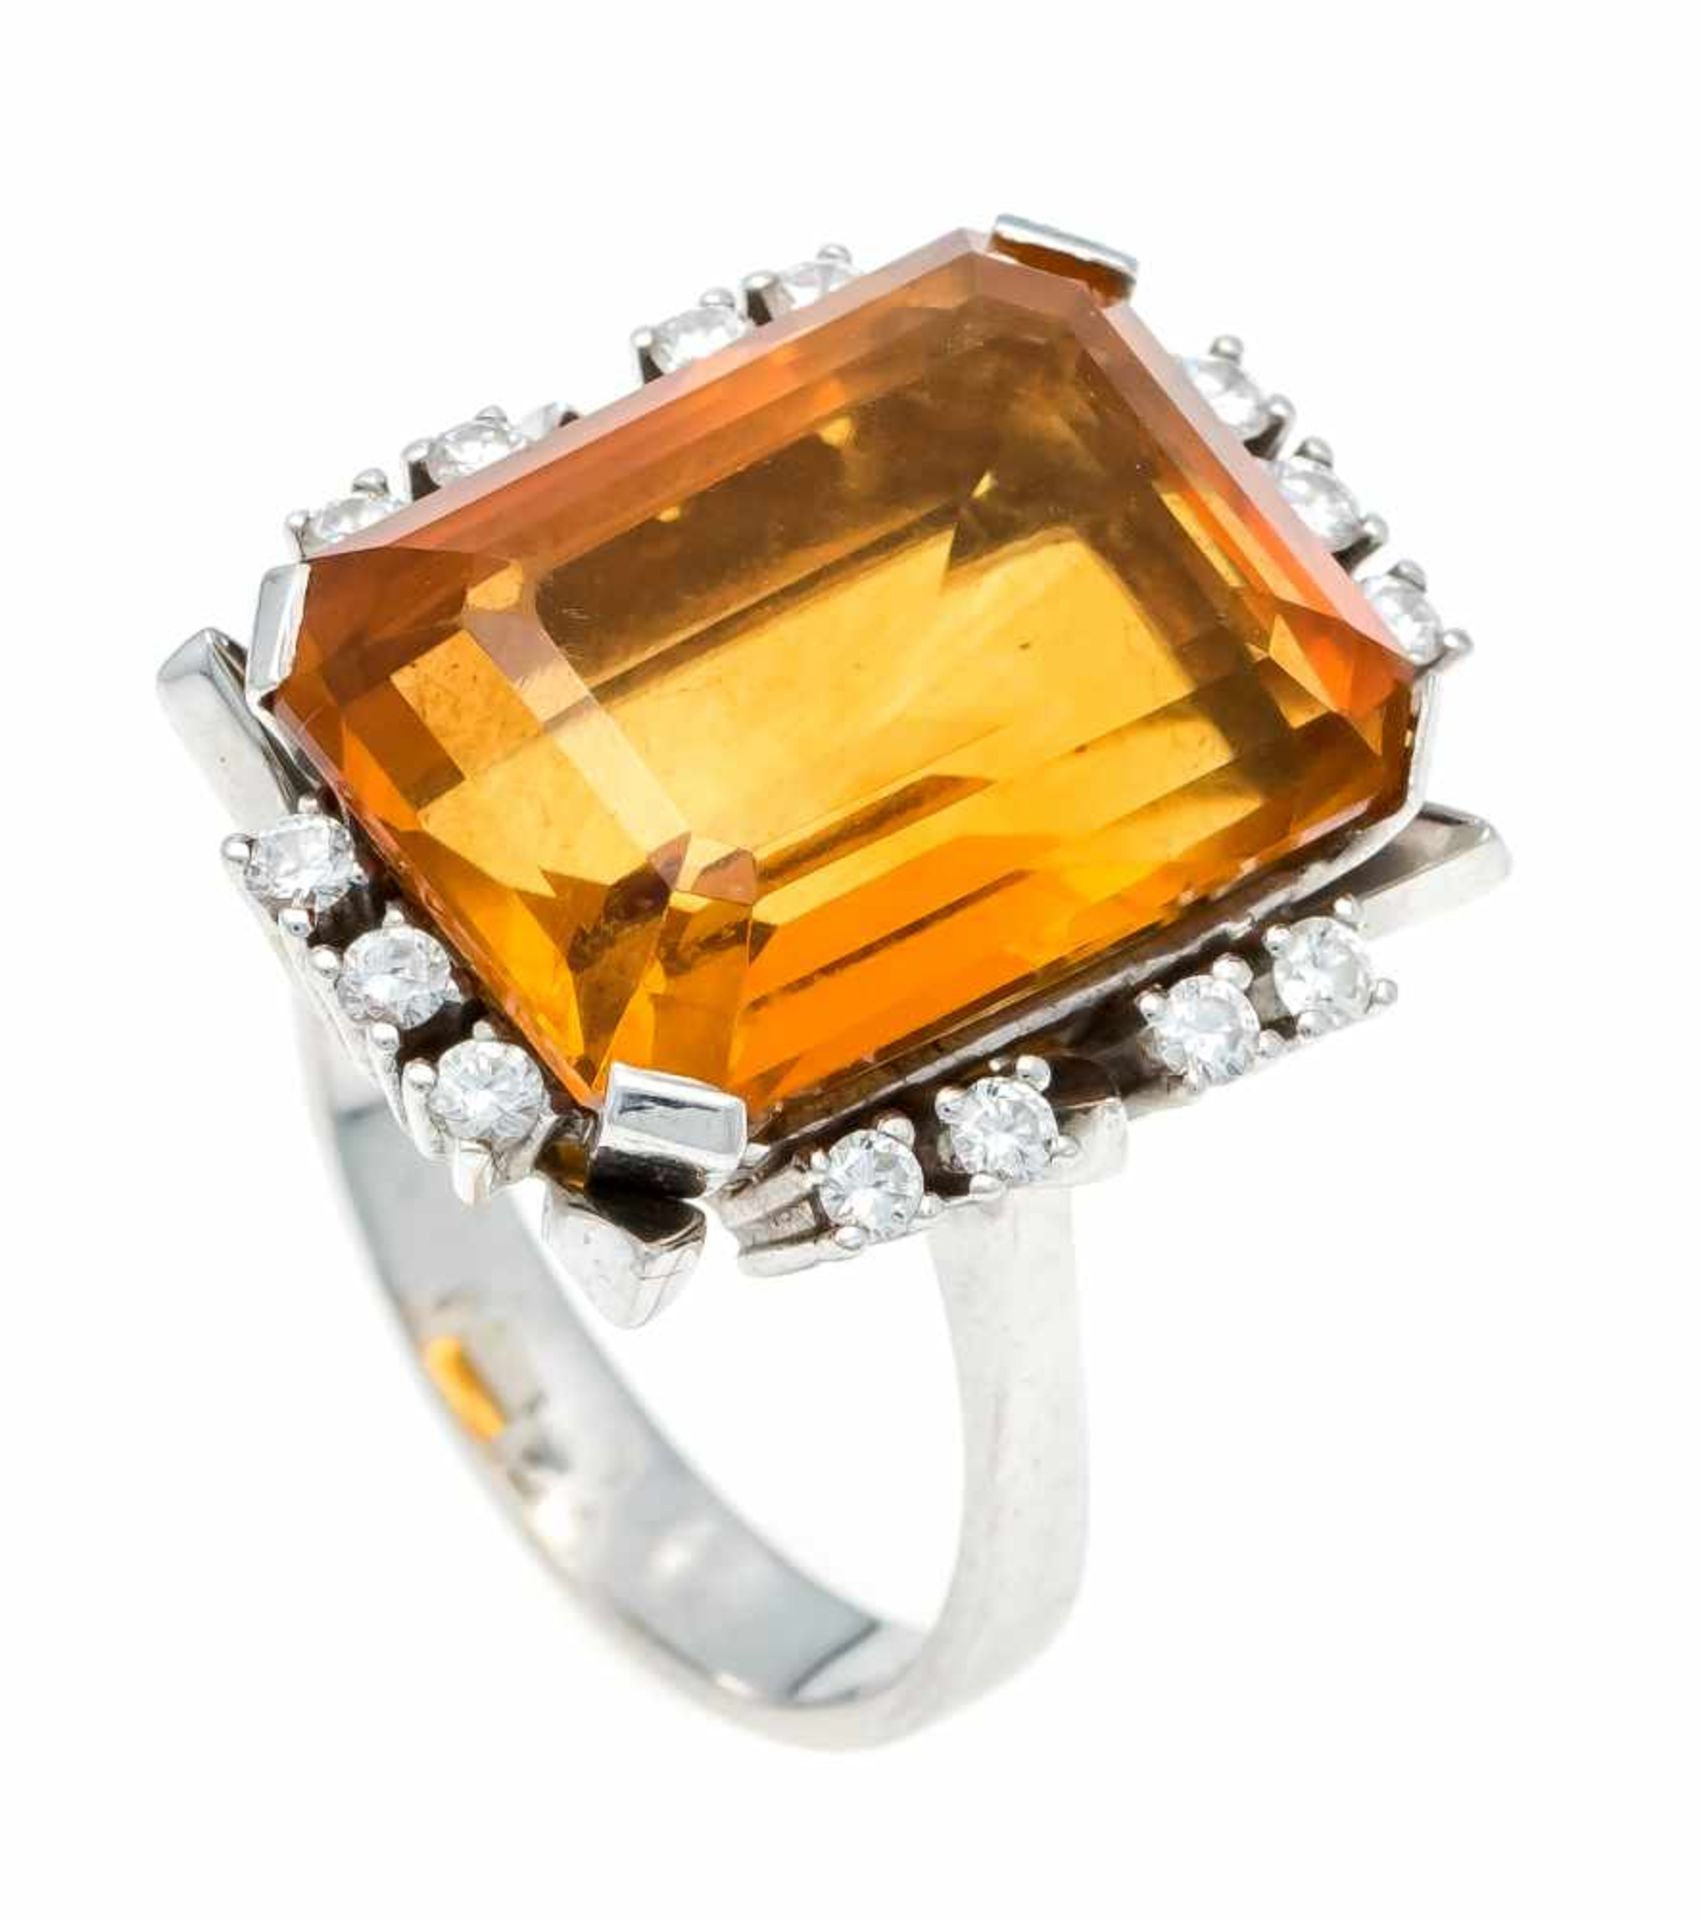 Citrin-Brillant-Ring WG 585/000 mit einem im Smaragdschliff fac. Citrin 17,8 x 12,9 x 8,4 mm und